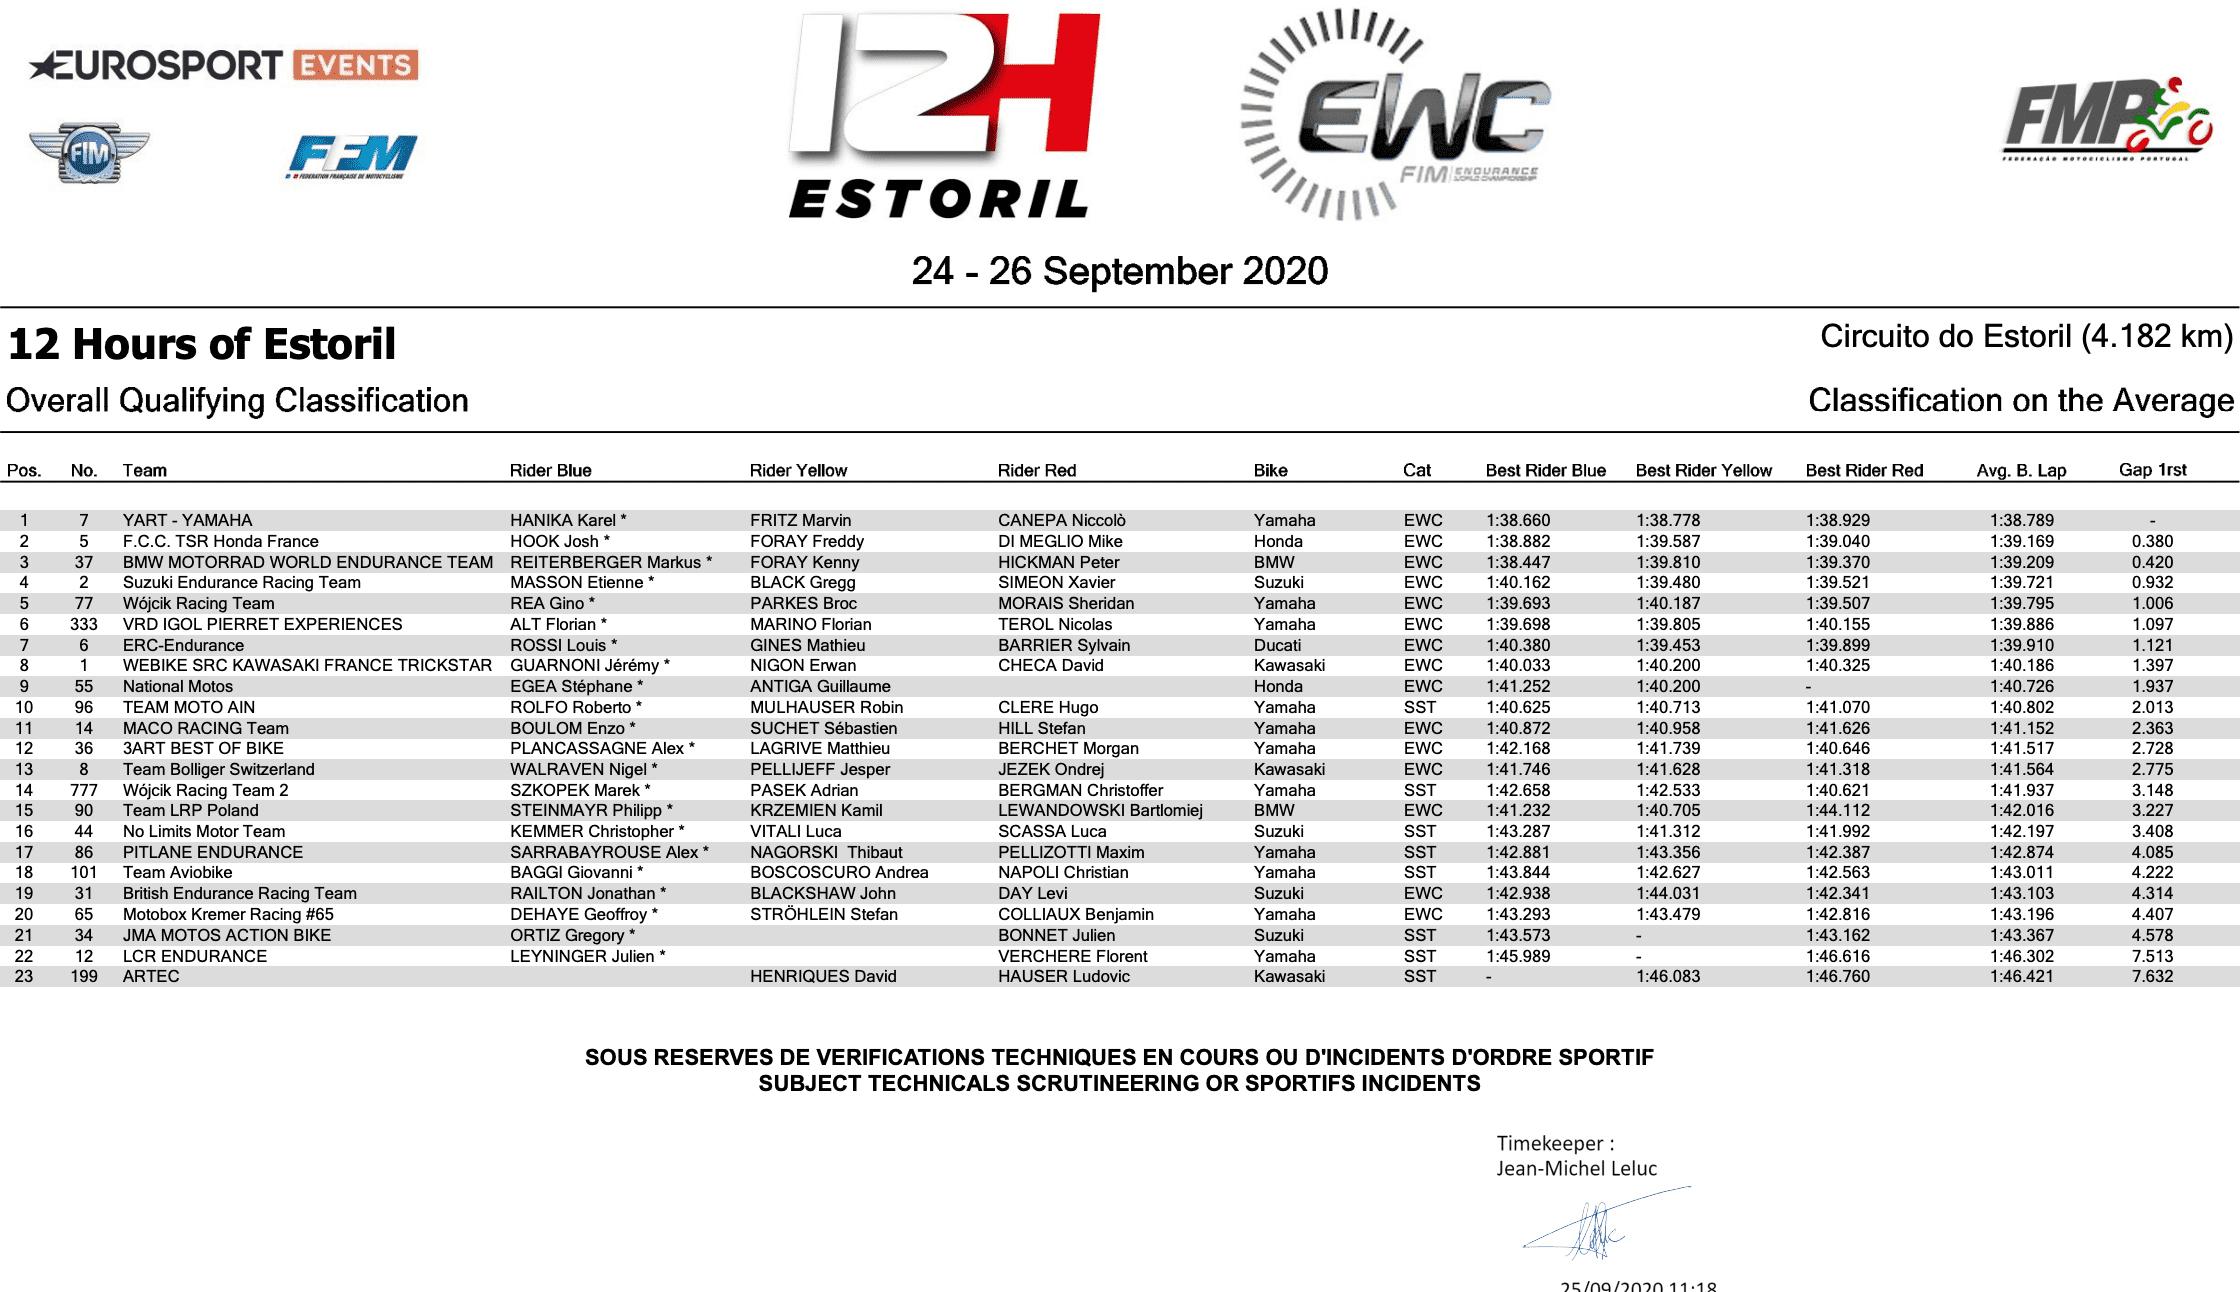 世界耐久選手権(EWC) エストリル12時間耐久ロードレース 予選結果